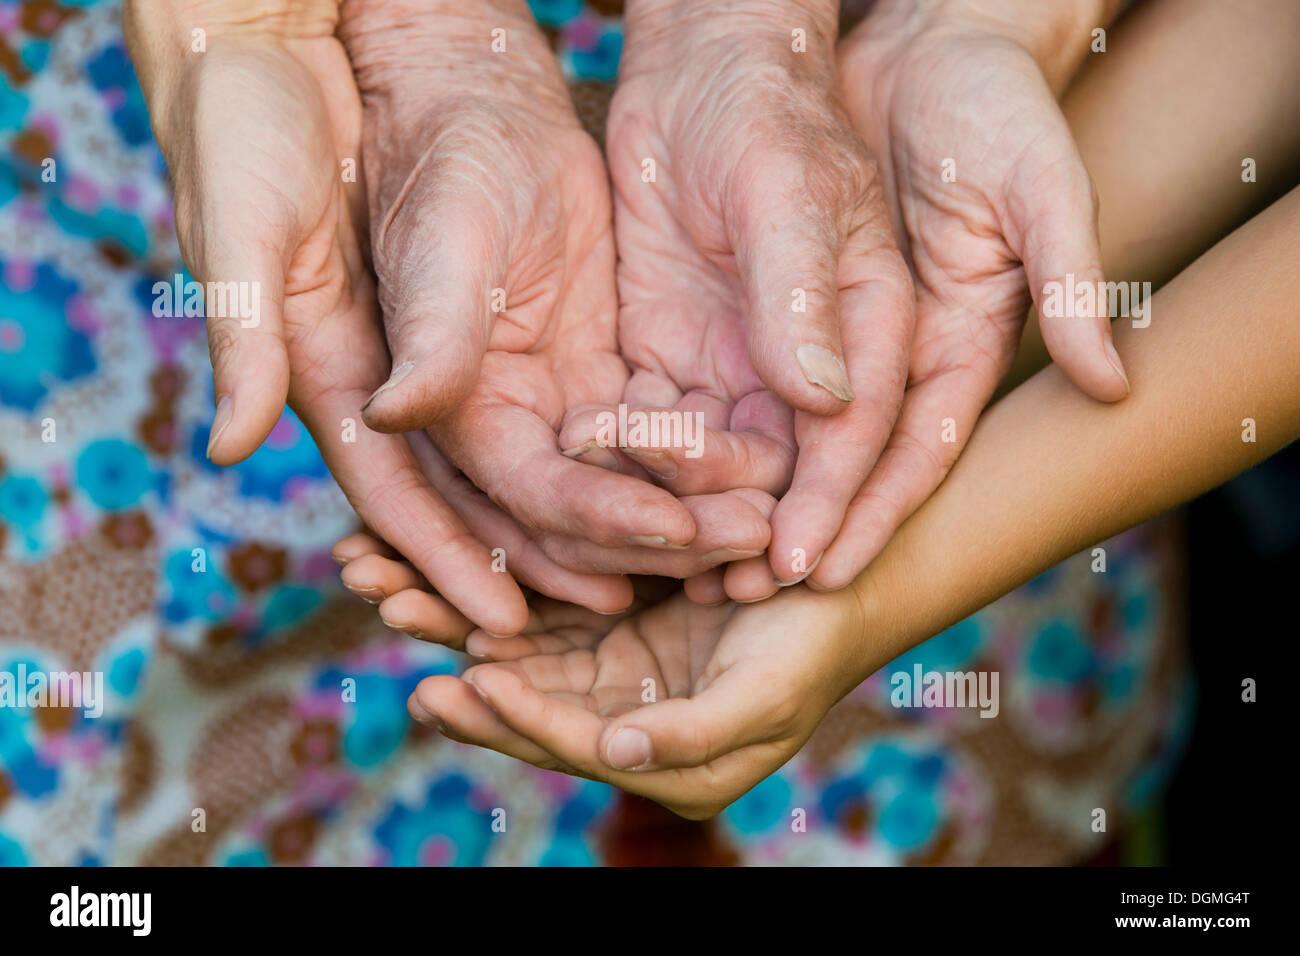 Händen der Erwachsener, eine ältere Frau und ein Kind Stockbild